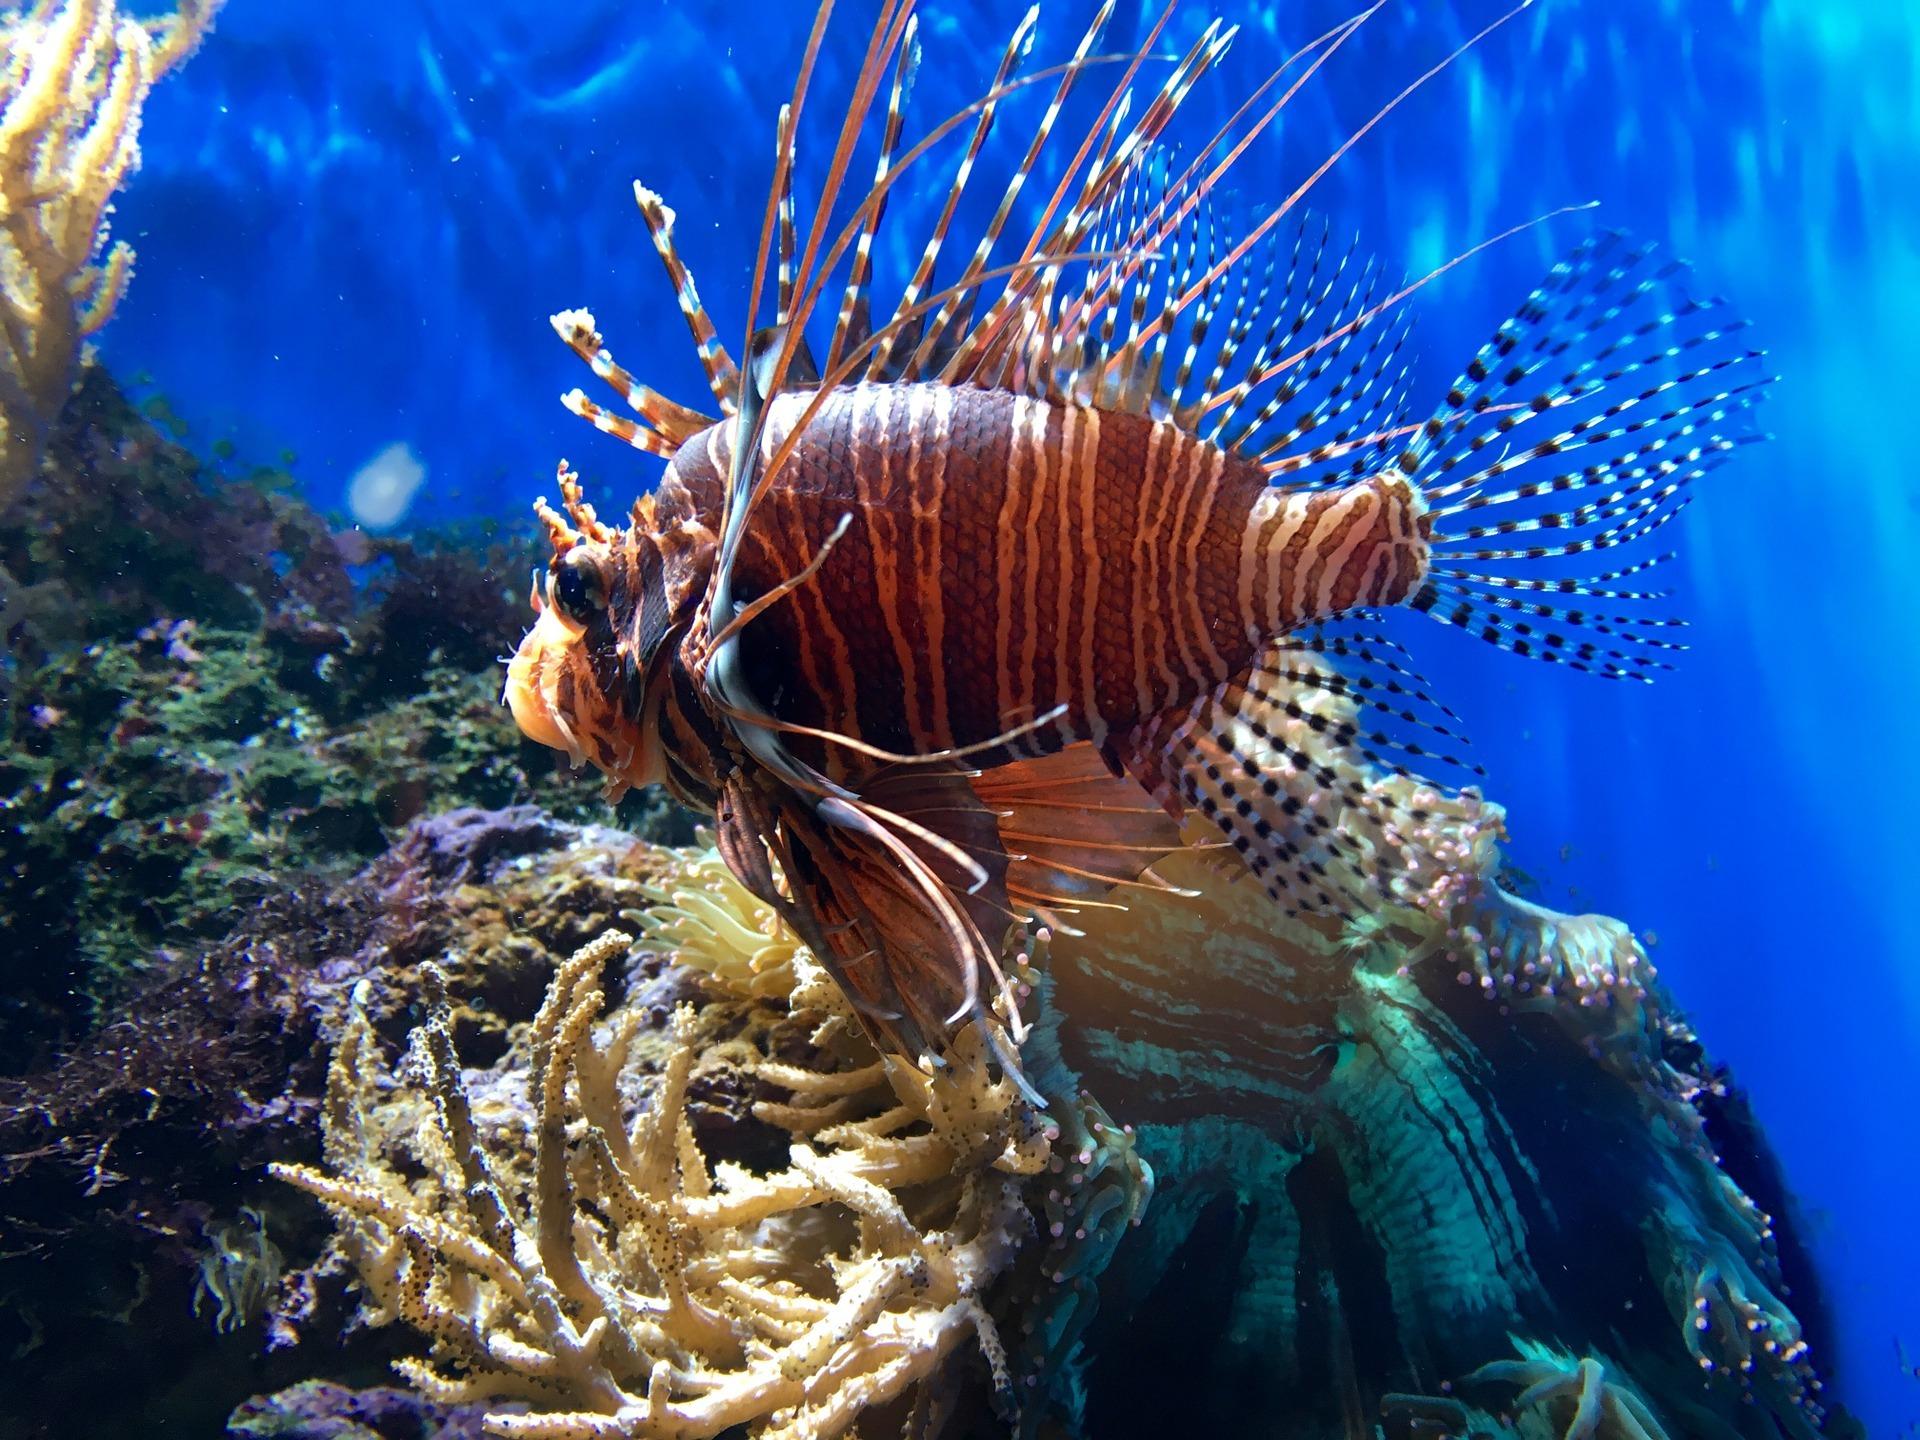 Sea Life Aquarium in London